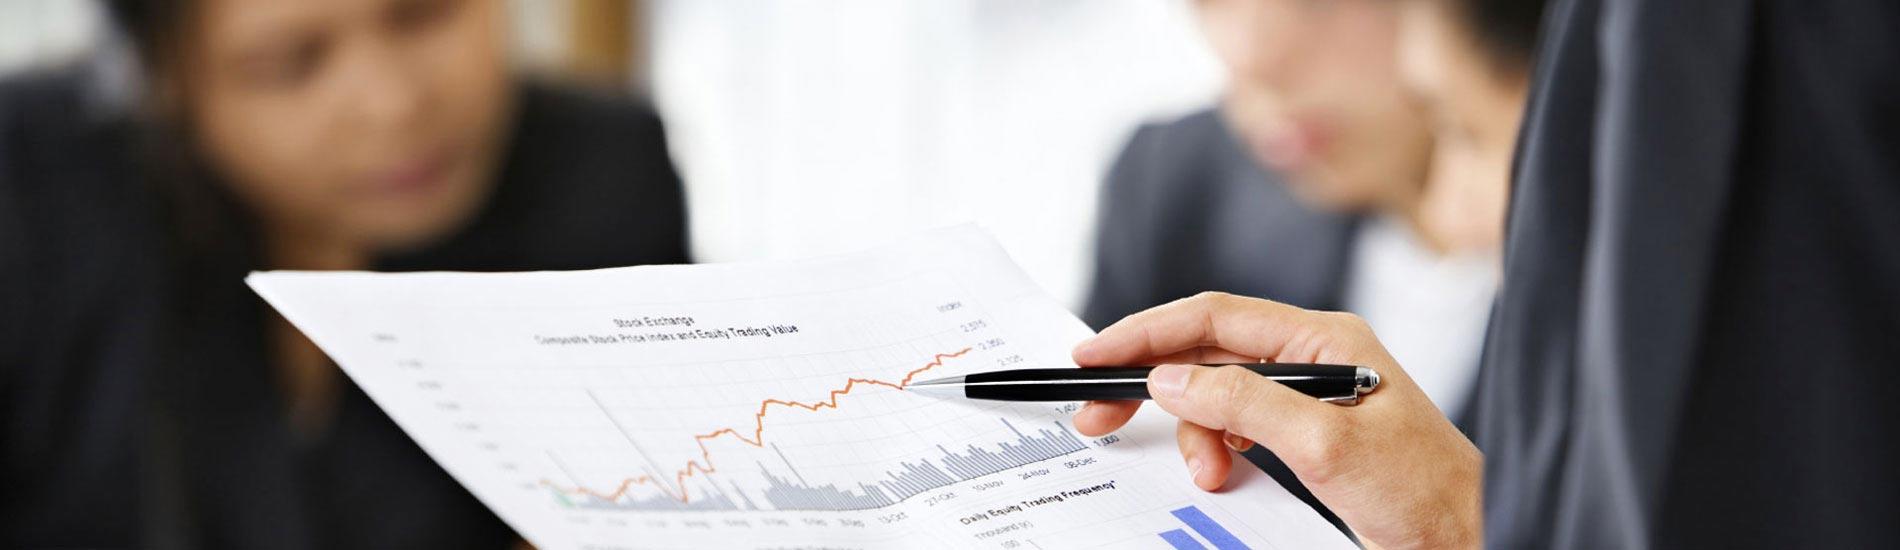 Ordine Dottori Commercialisti in Molise: Campobasso, Isernia e Larino